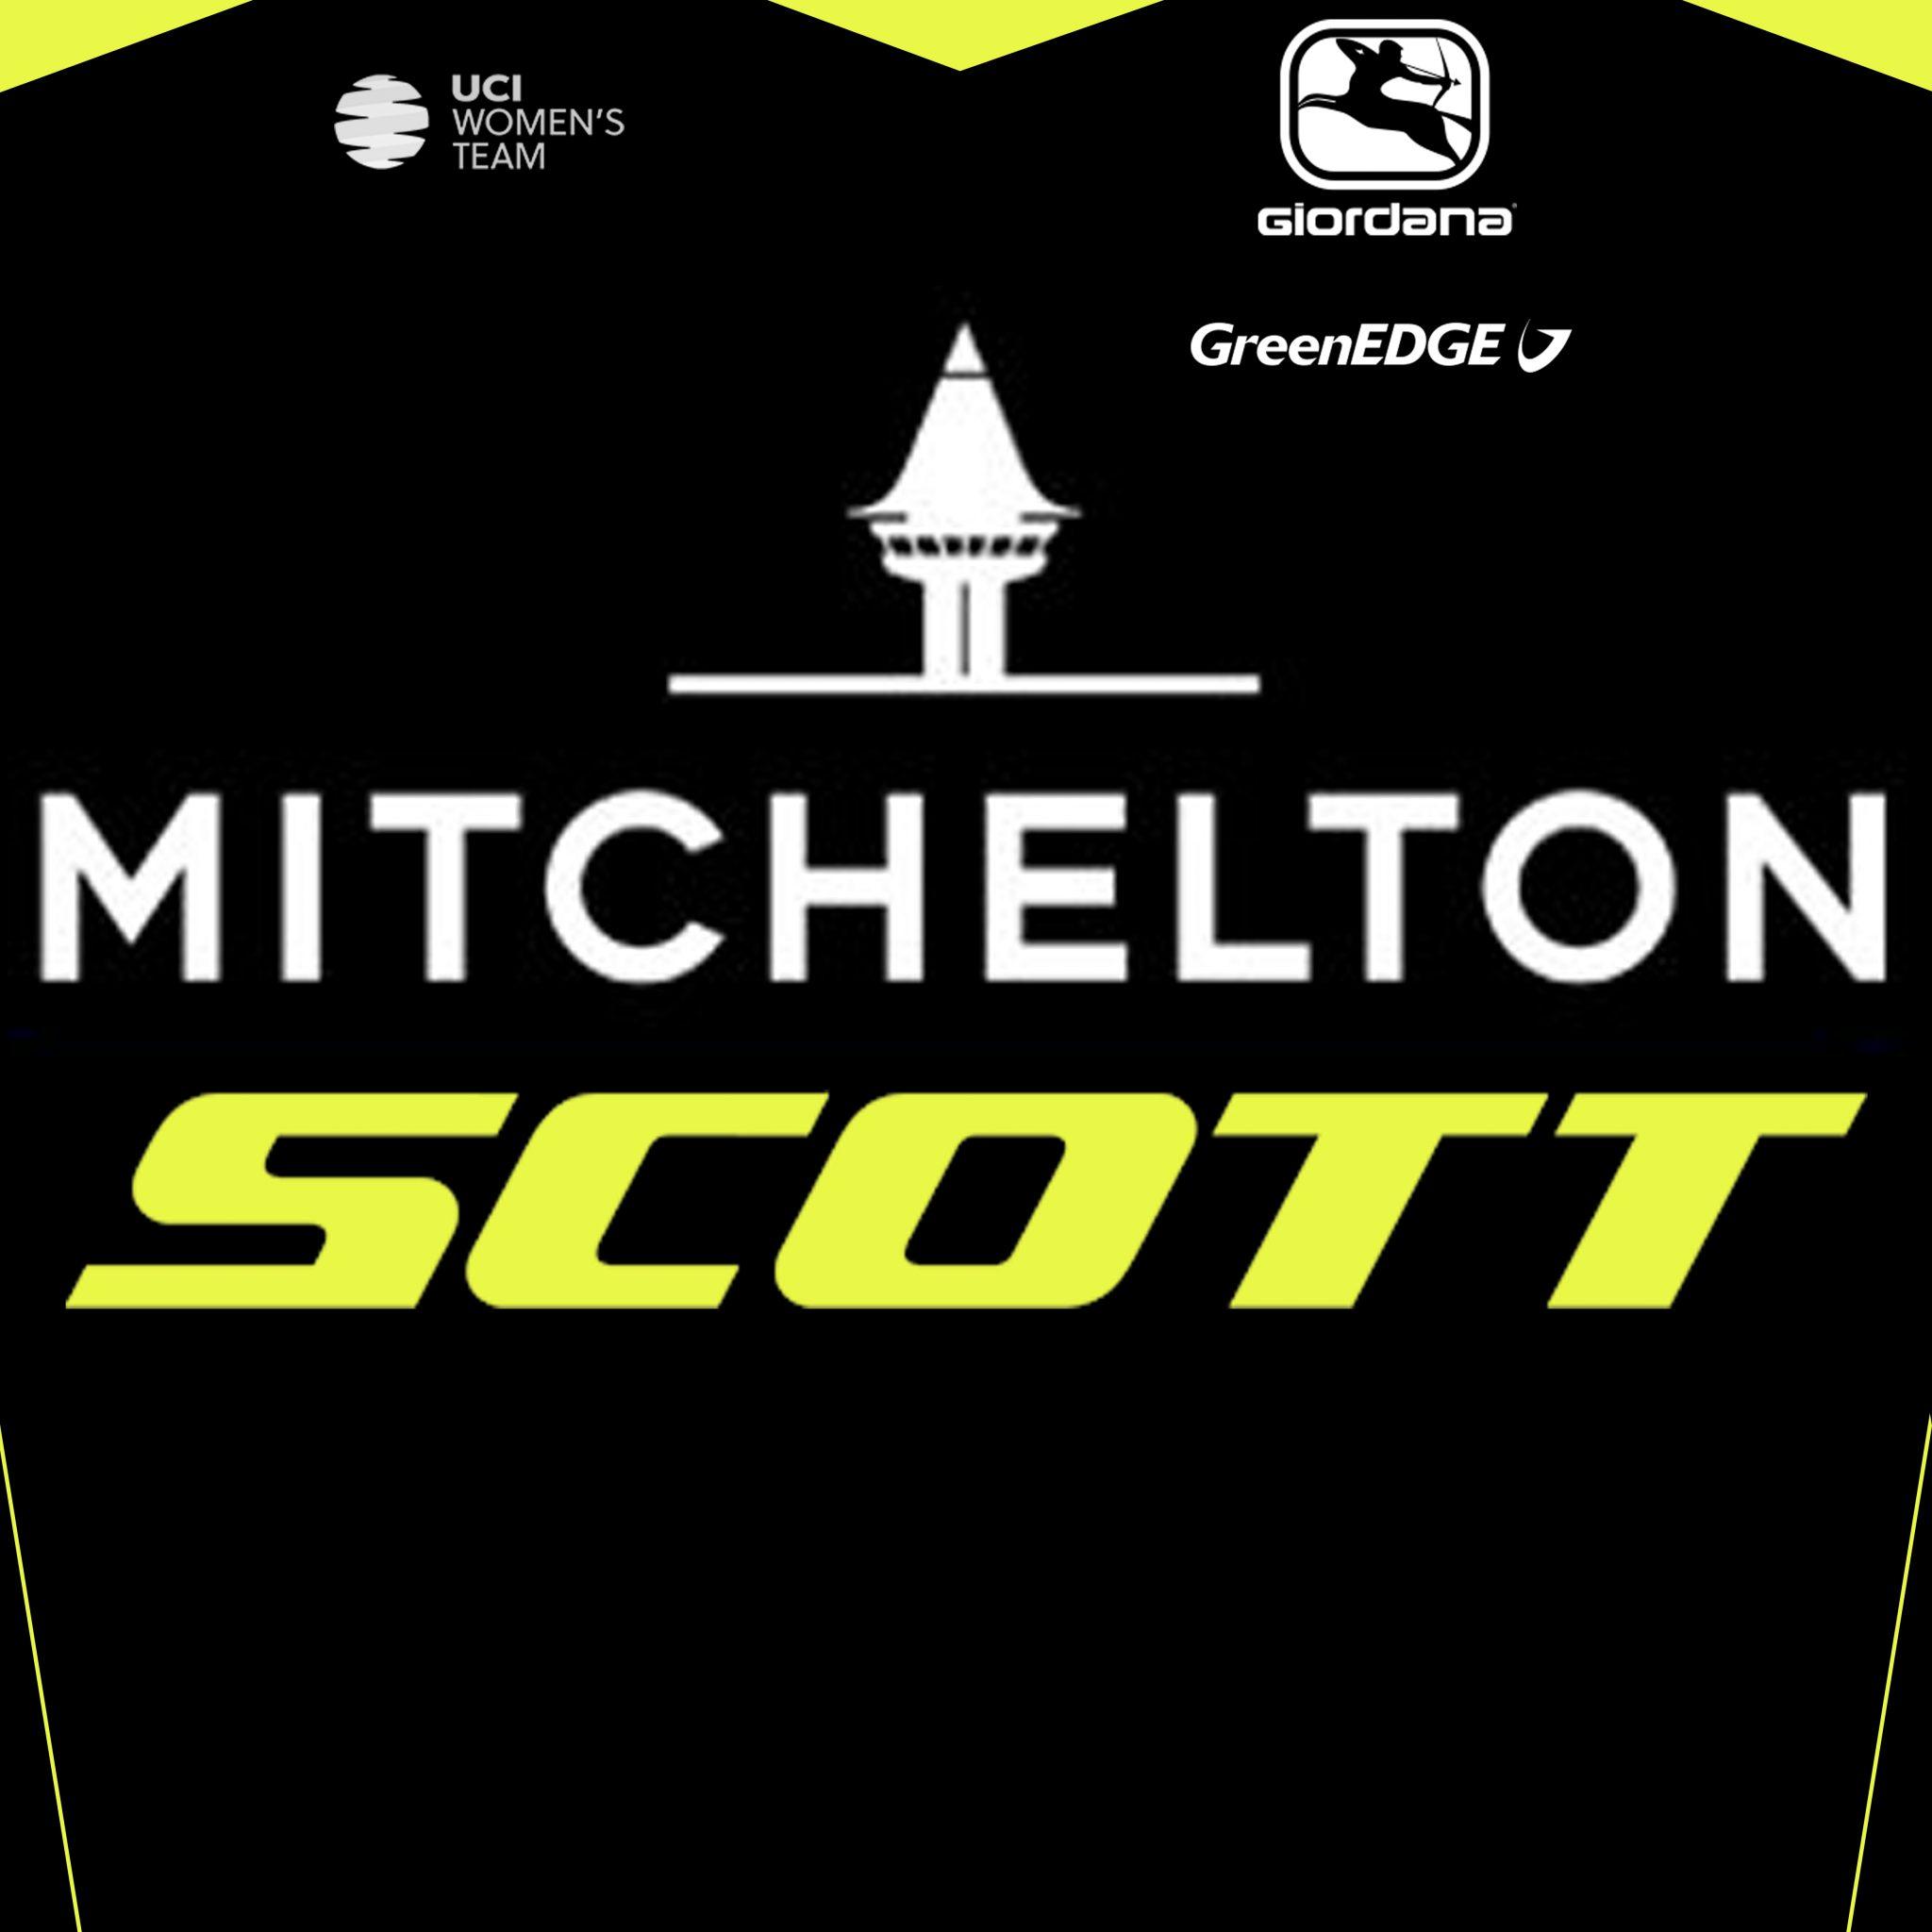 Mitchelton-SCOTT